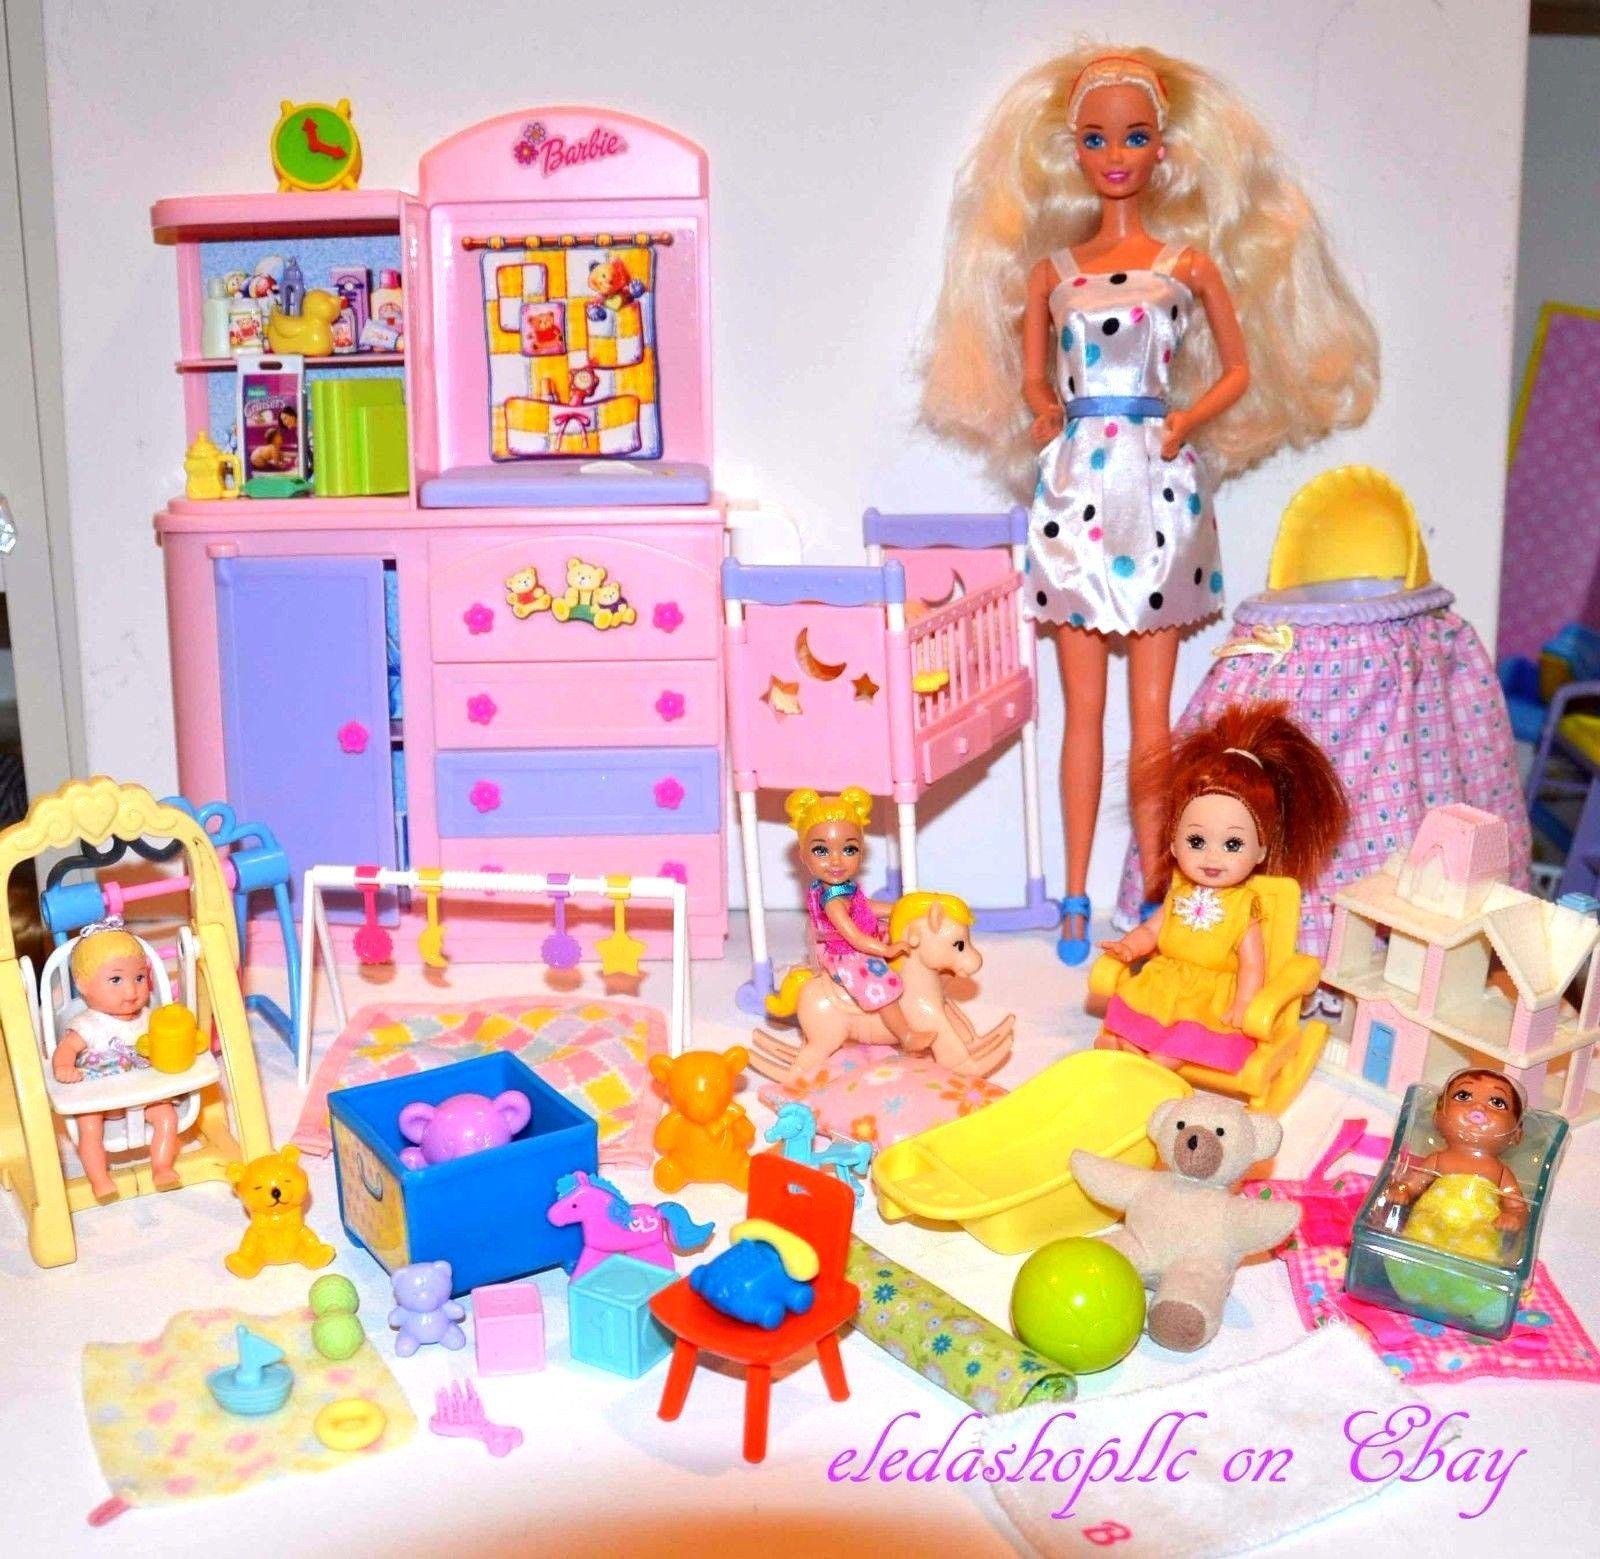 Barbie Kelly Doll House Baby Nursery Happy Family Adorable Cloth Teddy Bear